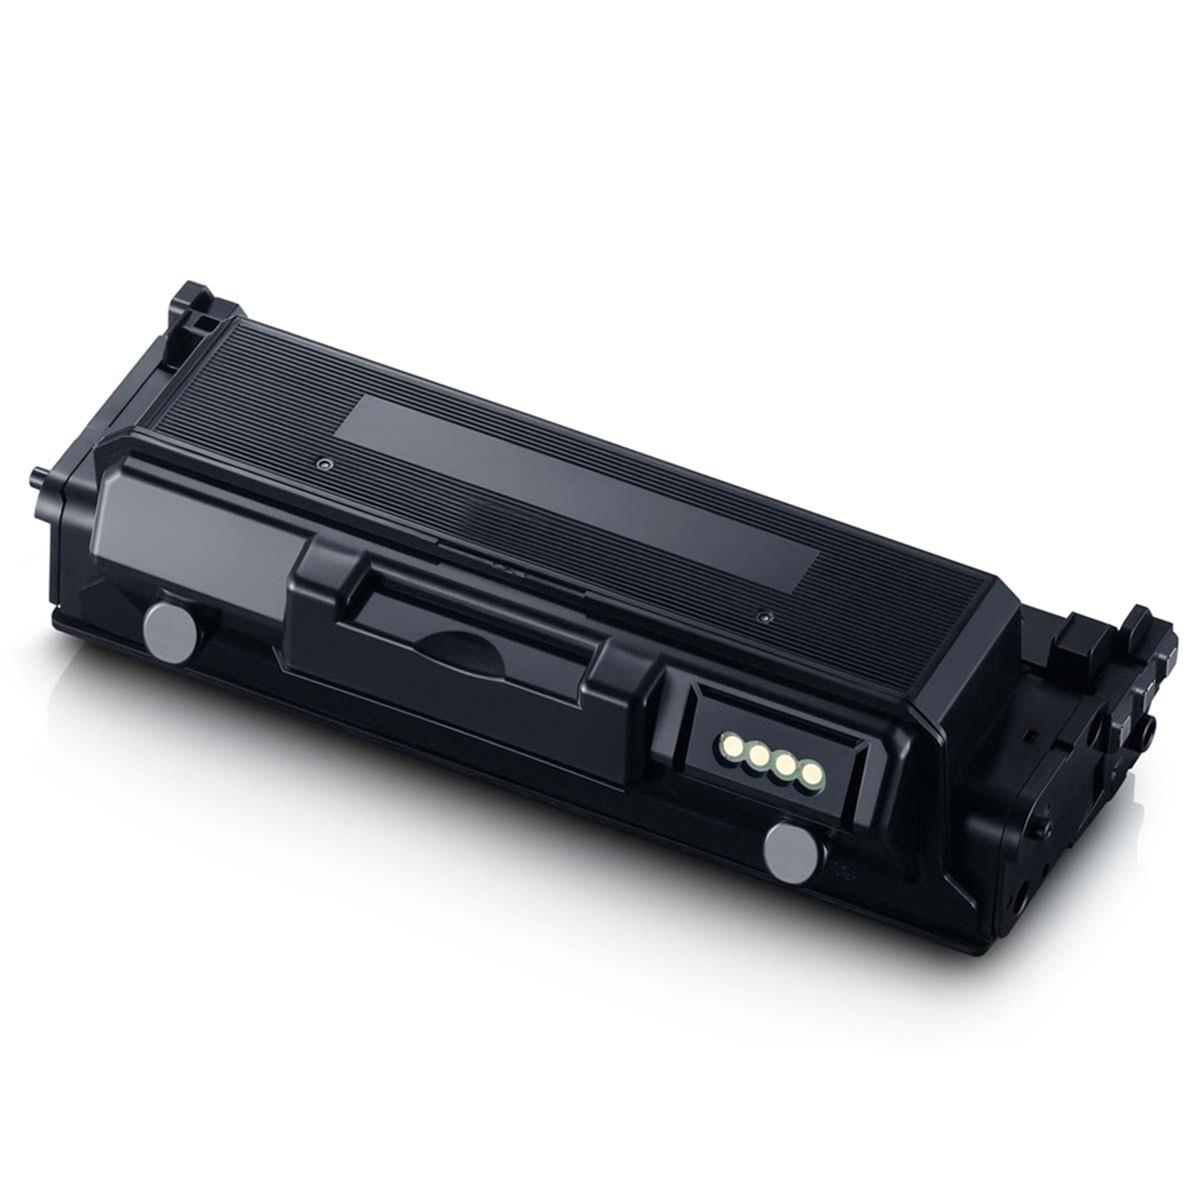 Toner Compatível com Samsung D204 MLT-D204L   M3825 M4025 M3325 M3875 M3375 M4075   Premium 5k